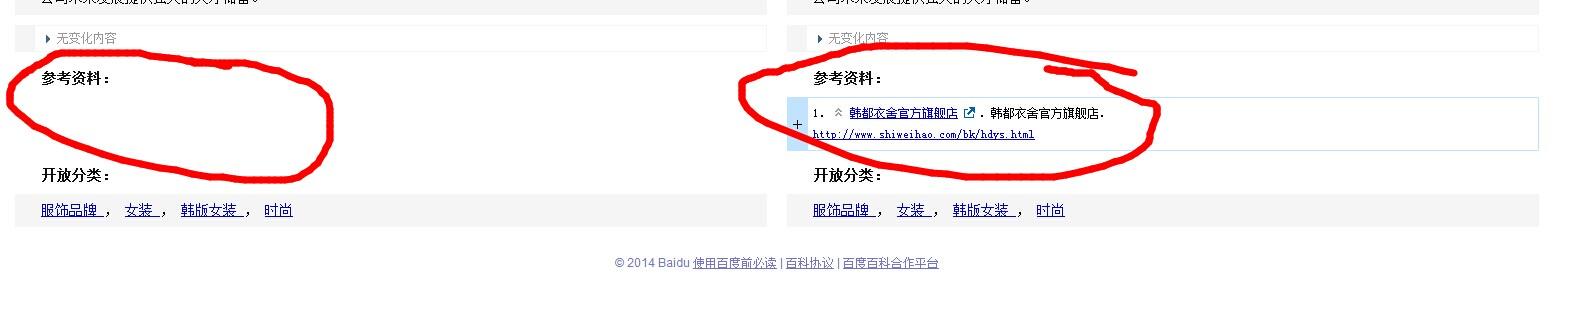 淘宝客推广教程:千贝哥实例操作淘宝客选词技巧及分析 网赚教程 第11张